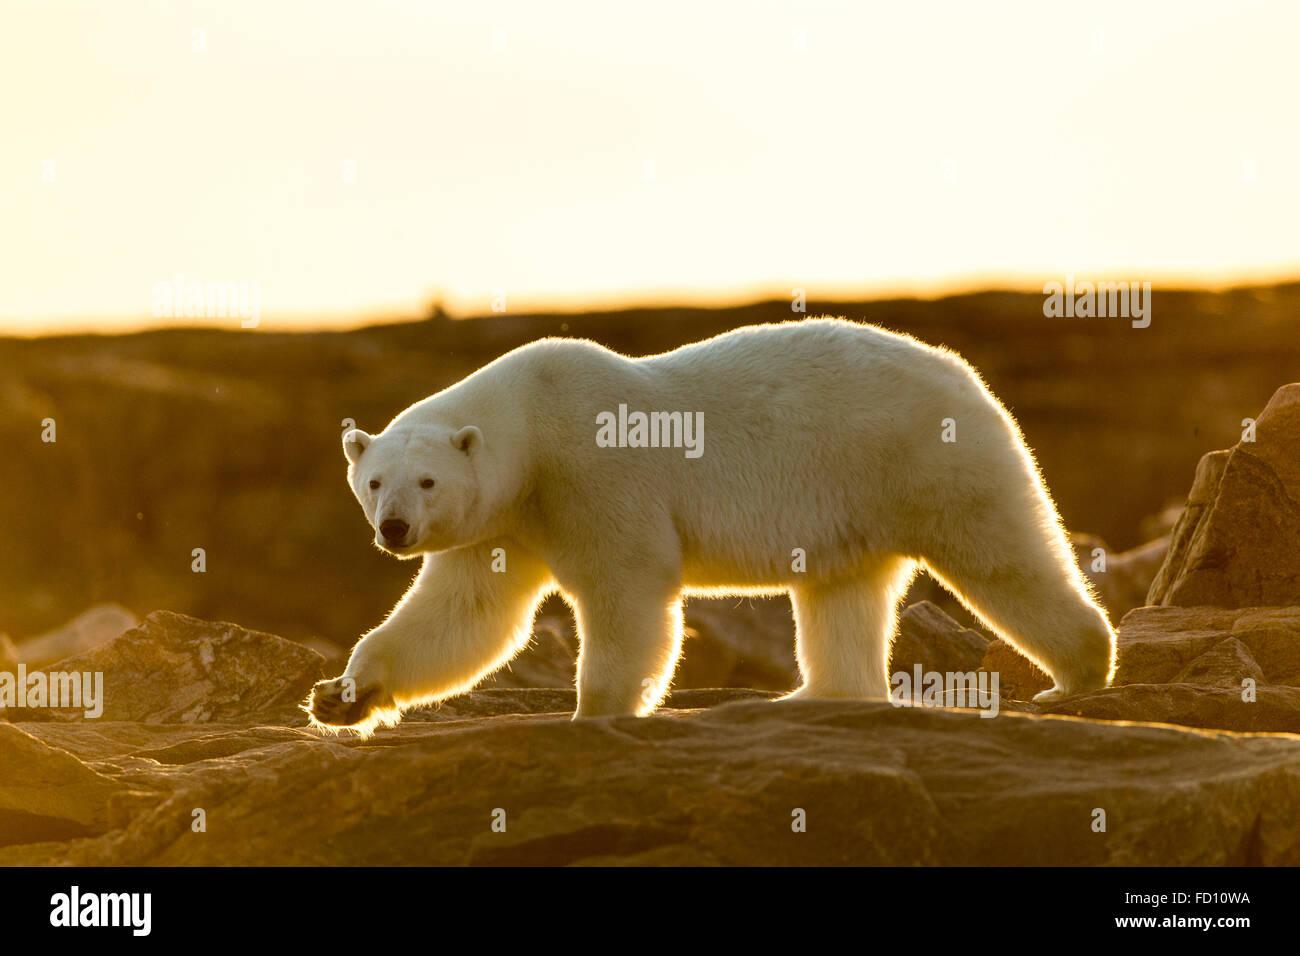 Canada, Nunavut Territorio, impostando il sole di mezzanotte luci orso polare (Ursus maritimus) passeggiate lungo Immagini Stock